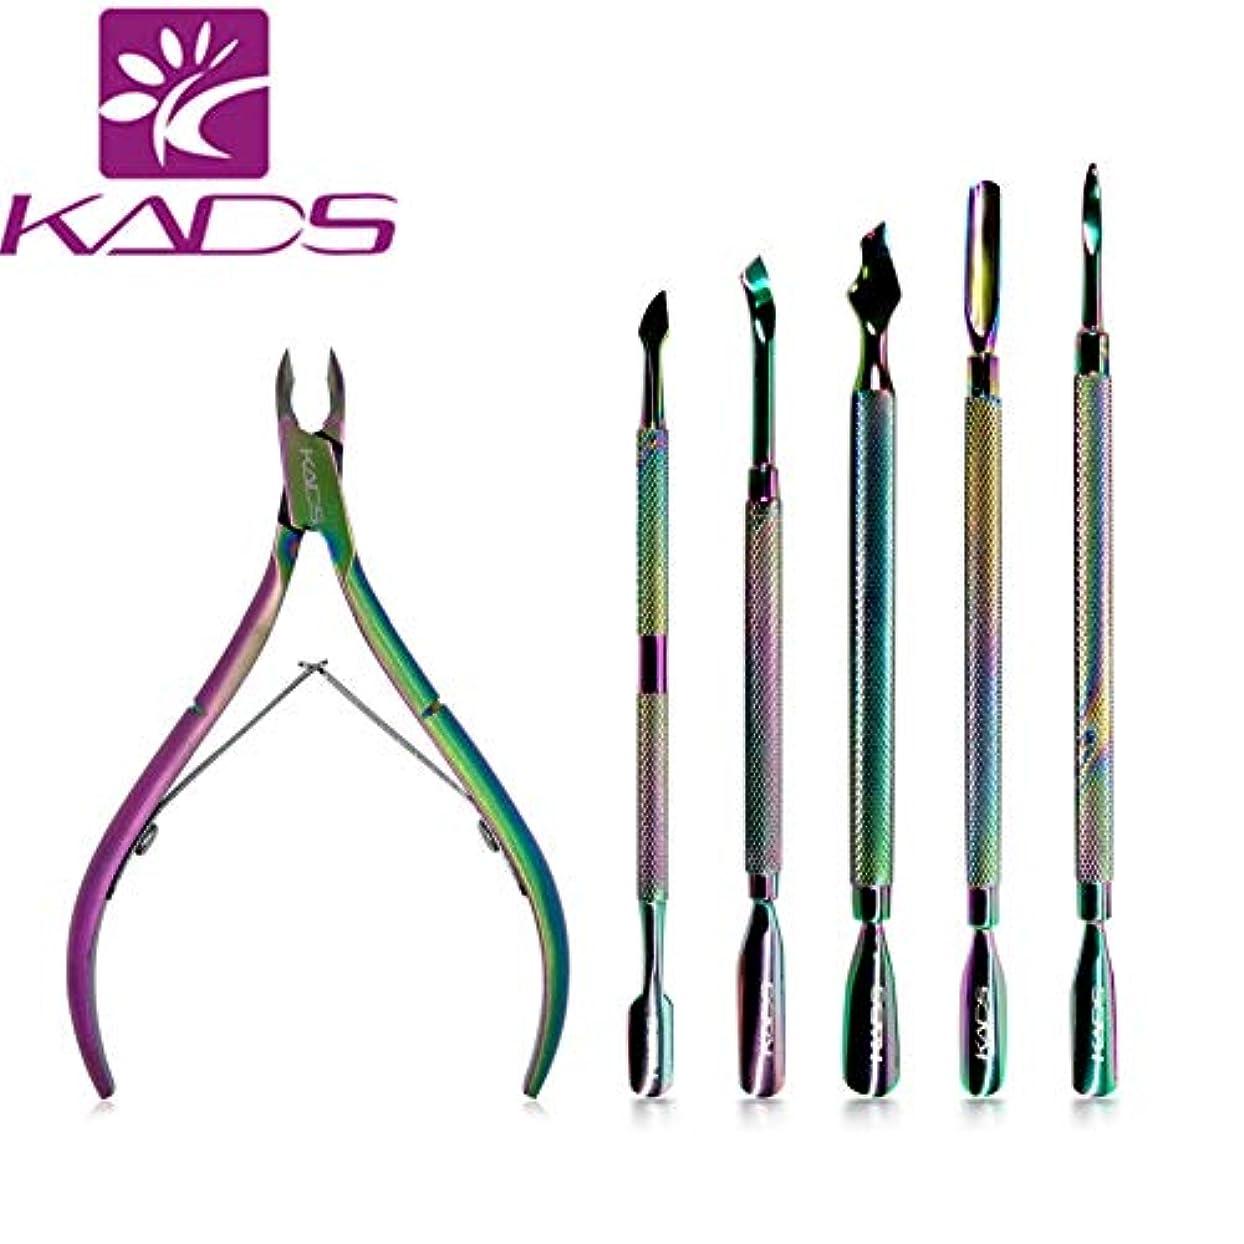 KADS 1本キューティクルニッパー & 5本キューティクルプッシャー 高品質ステンレス製 魔法的な色 甘皮ケア 甘皮押し プッシャー付き ネイルケアツールセット (1)